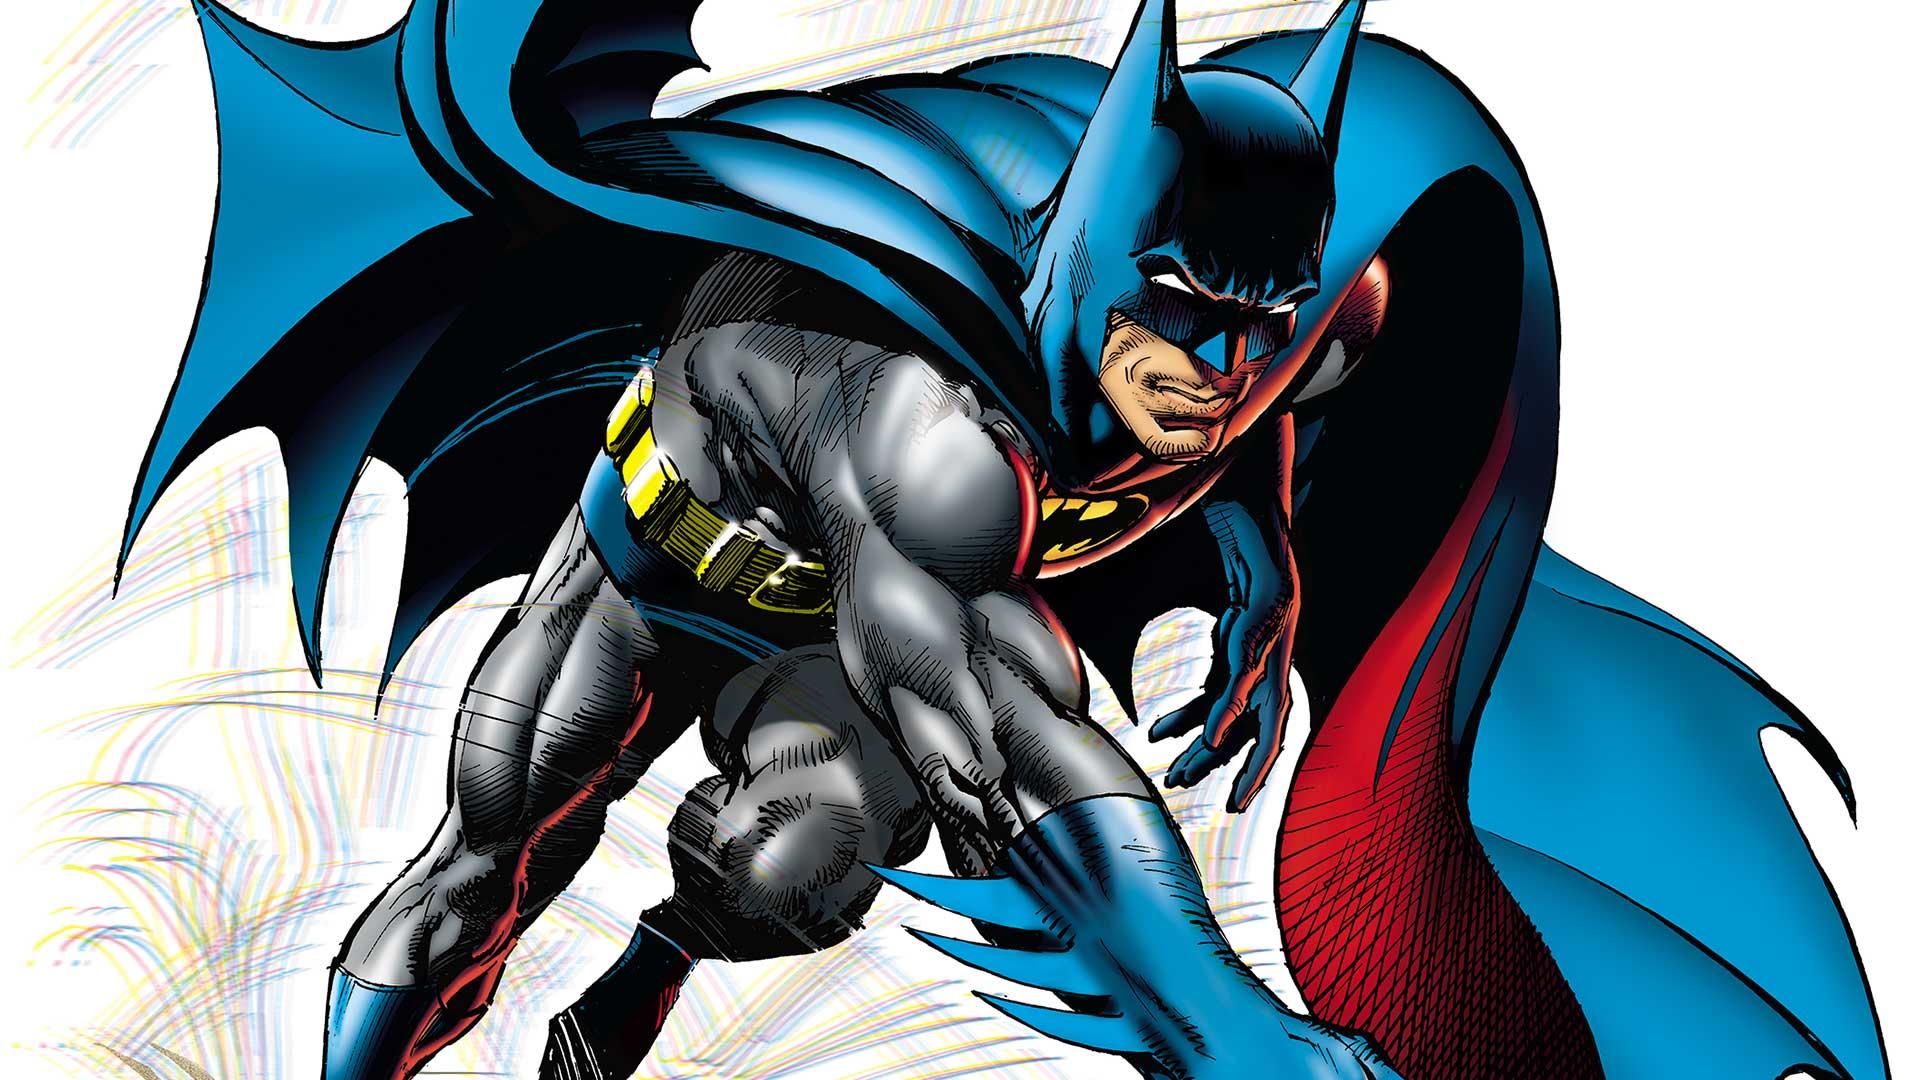 DC Publishes Batman's Official Dick